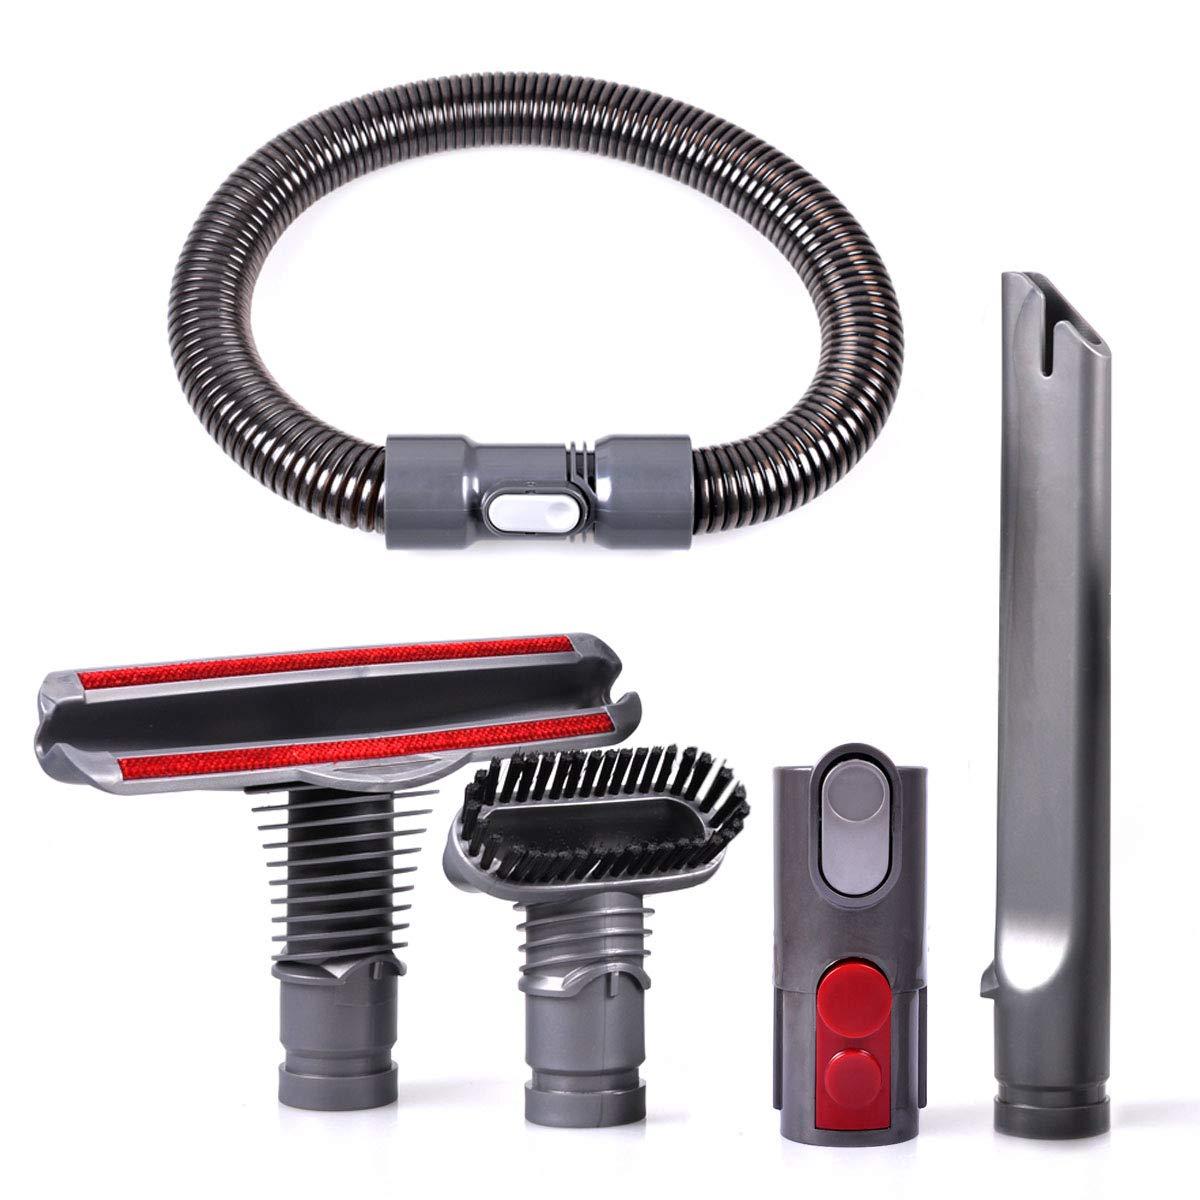 Acquisto KEEPOW Kit di Ricambi per Dyson V10, V8, V6, V7, DC58, DC59, 5 in 1 Total Clean Aspirapolvere palmare sostitutivo Parti della casa Dyson Prezzo offerta